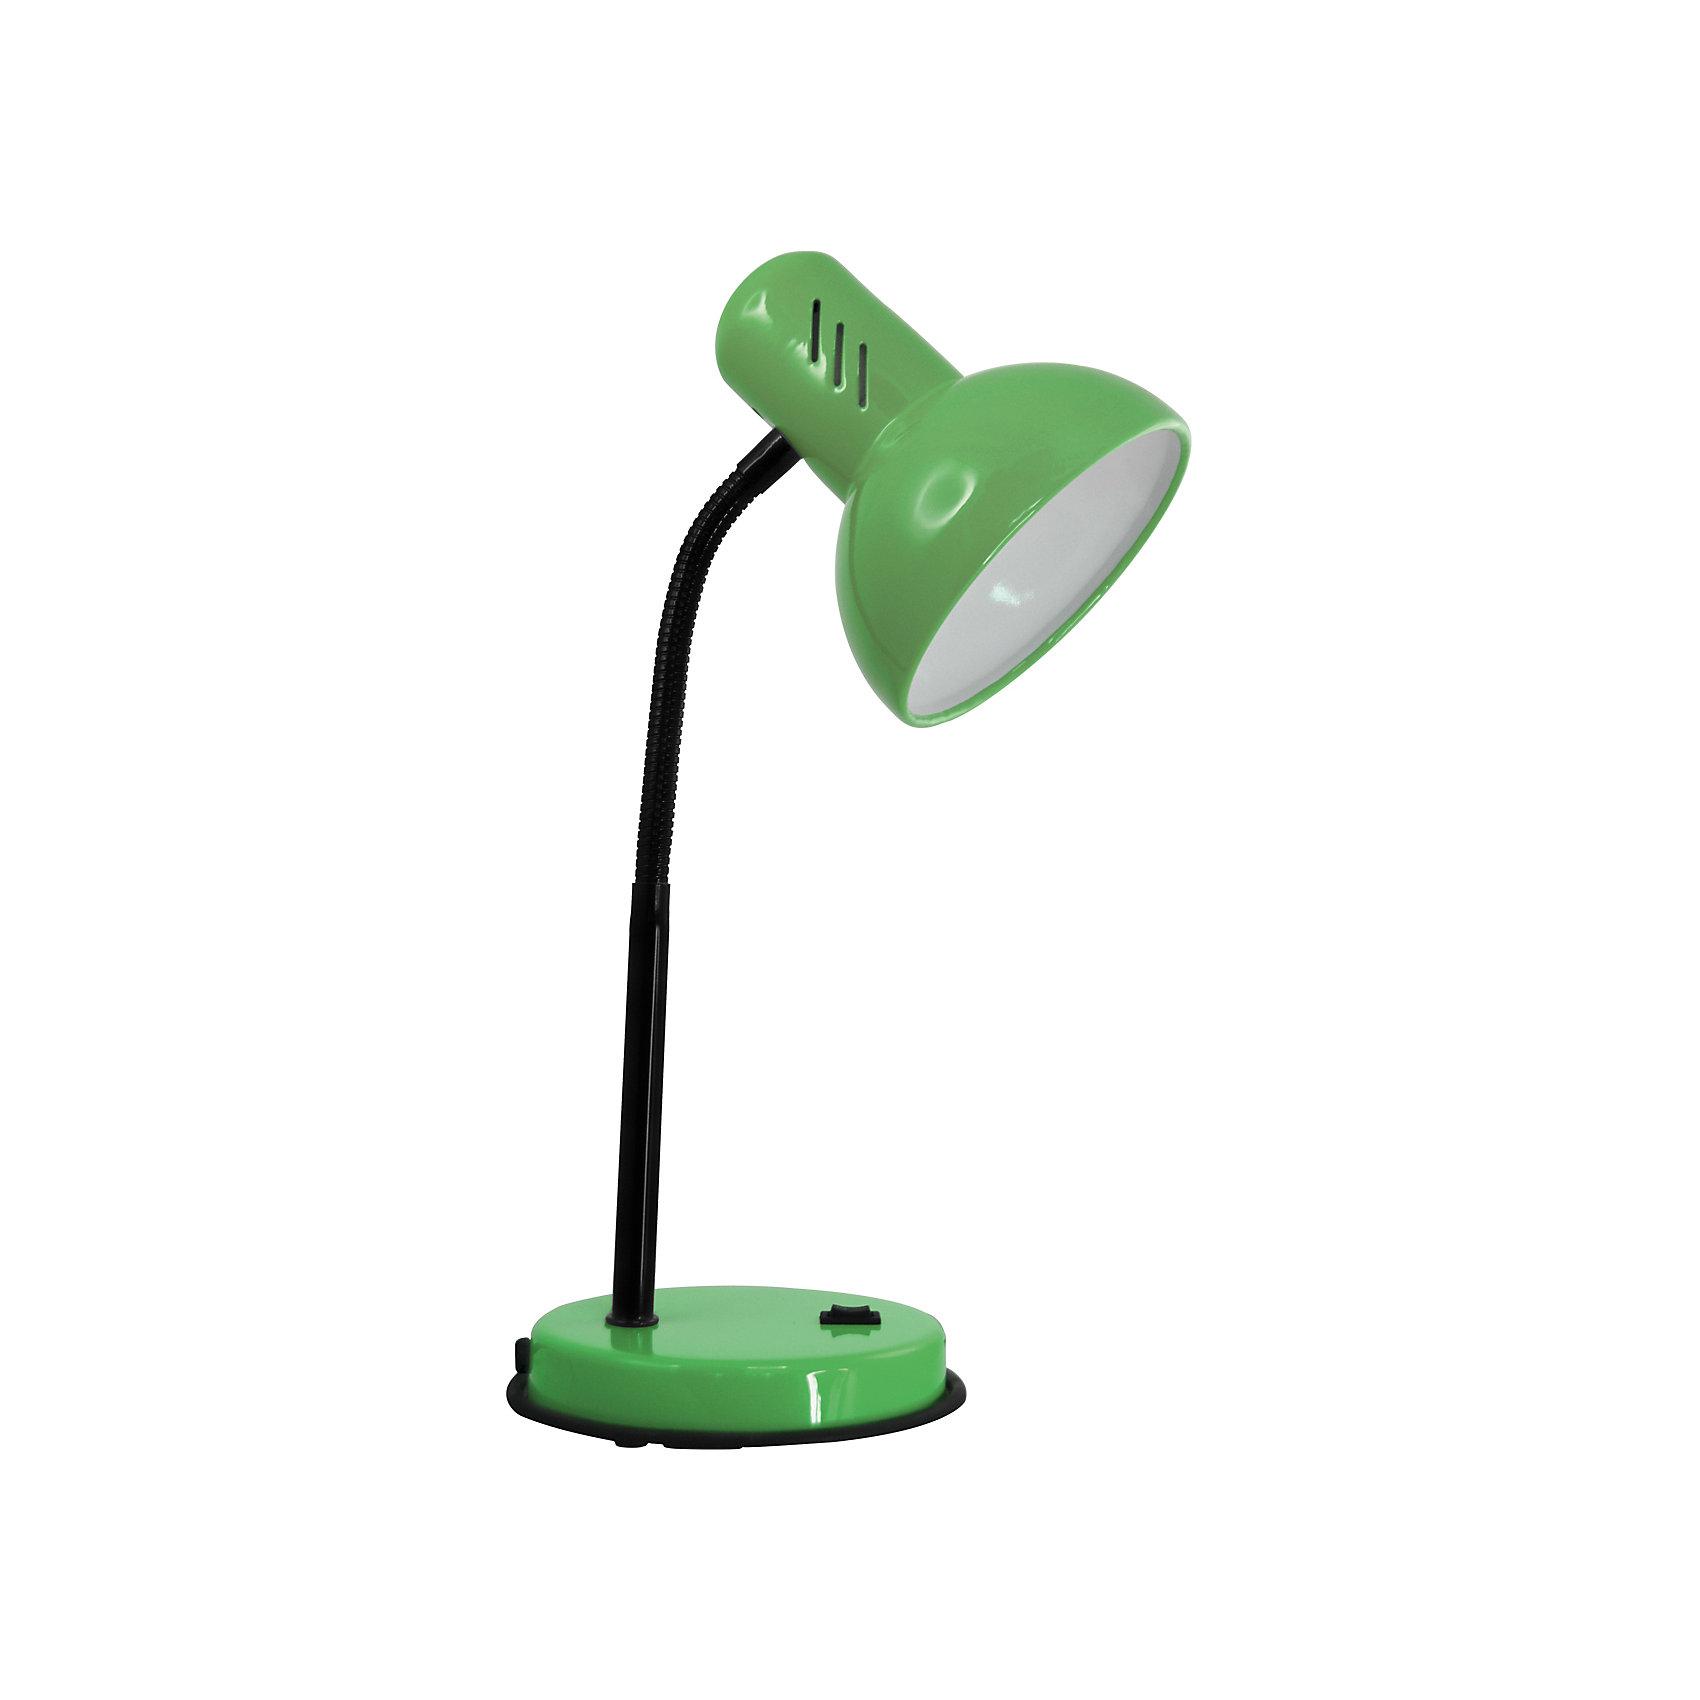 Ultra Light Настольный светильник Основание 40Вт ЛН, Ultra Light, зелёный ultra light ночник медведь зоо led 0 5вт ultra light зелёный